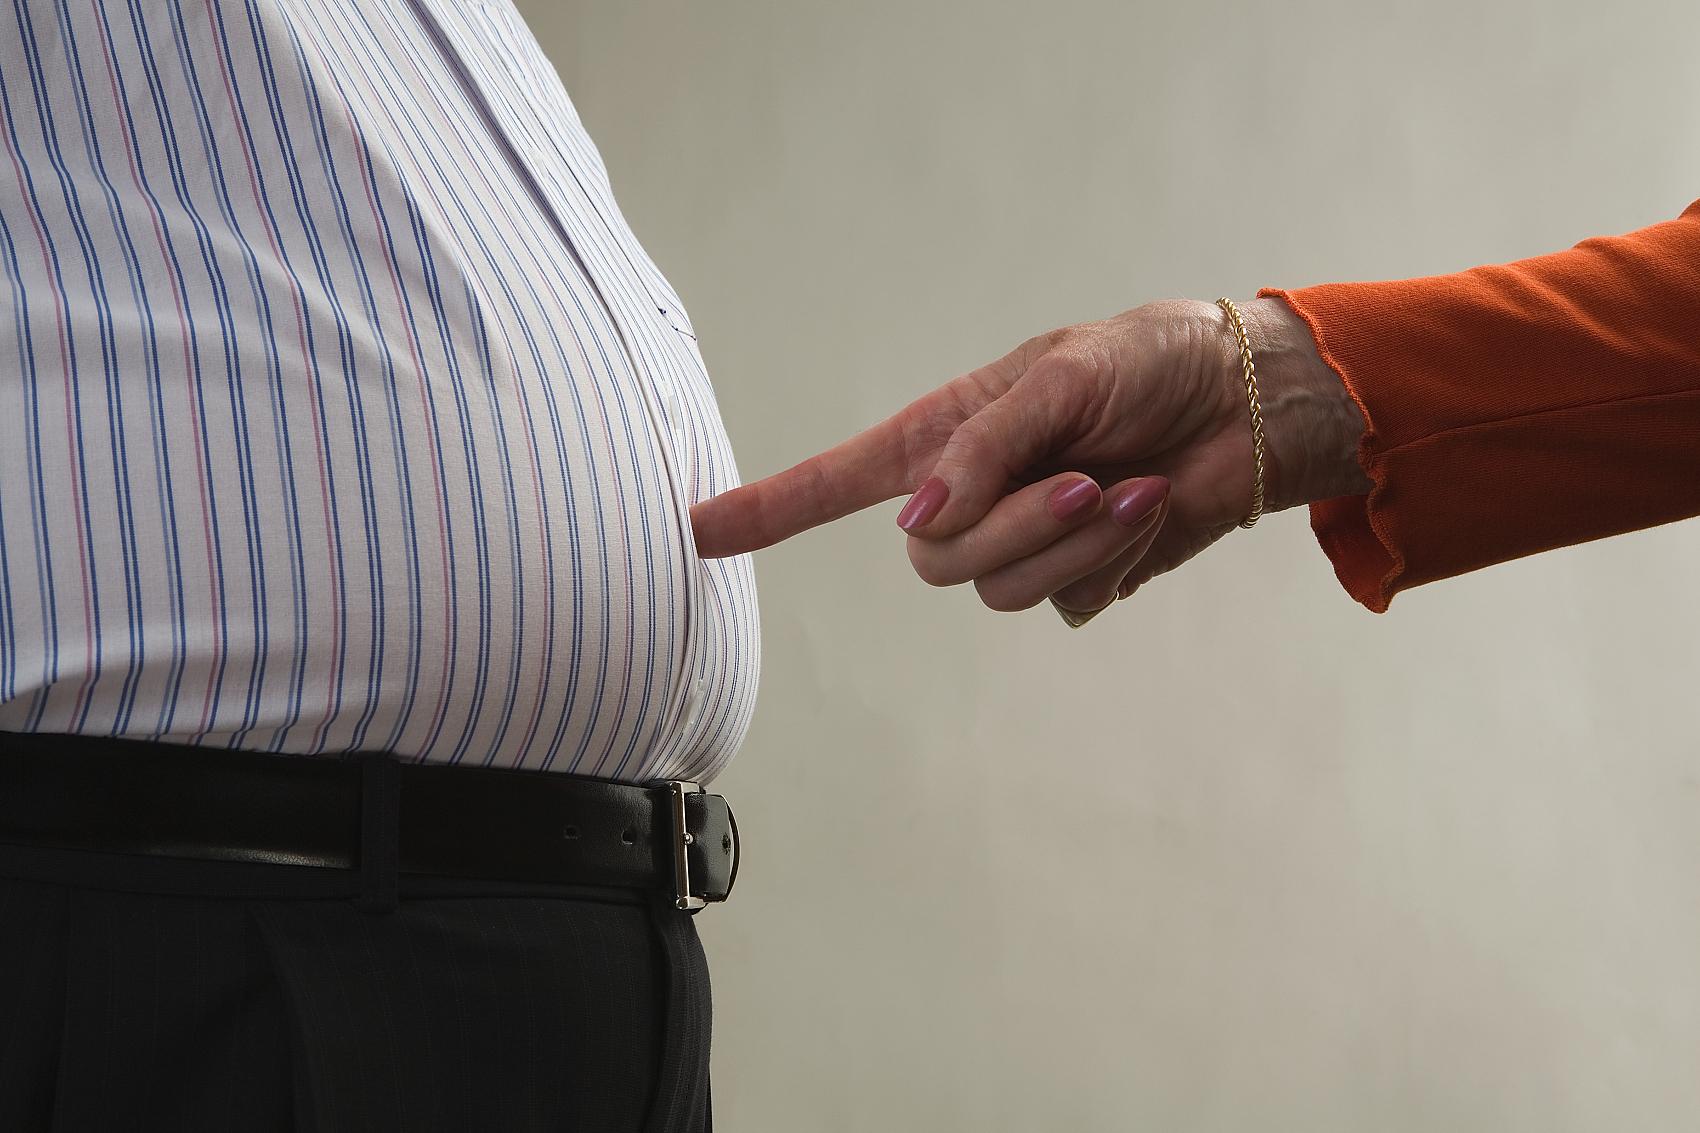 科学杂志《细胞》:研究表明 肥胖可能导致癌细胞的生长